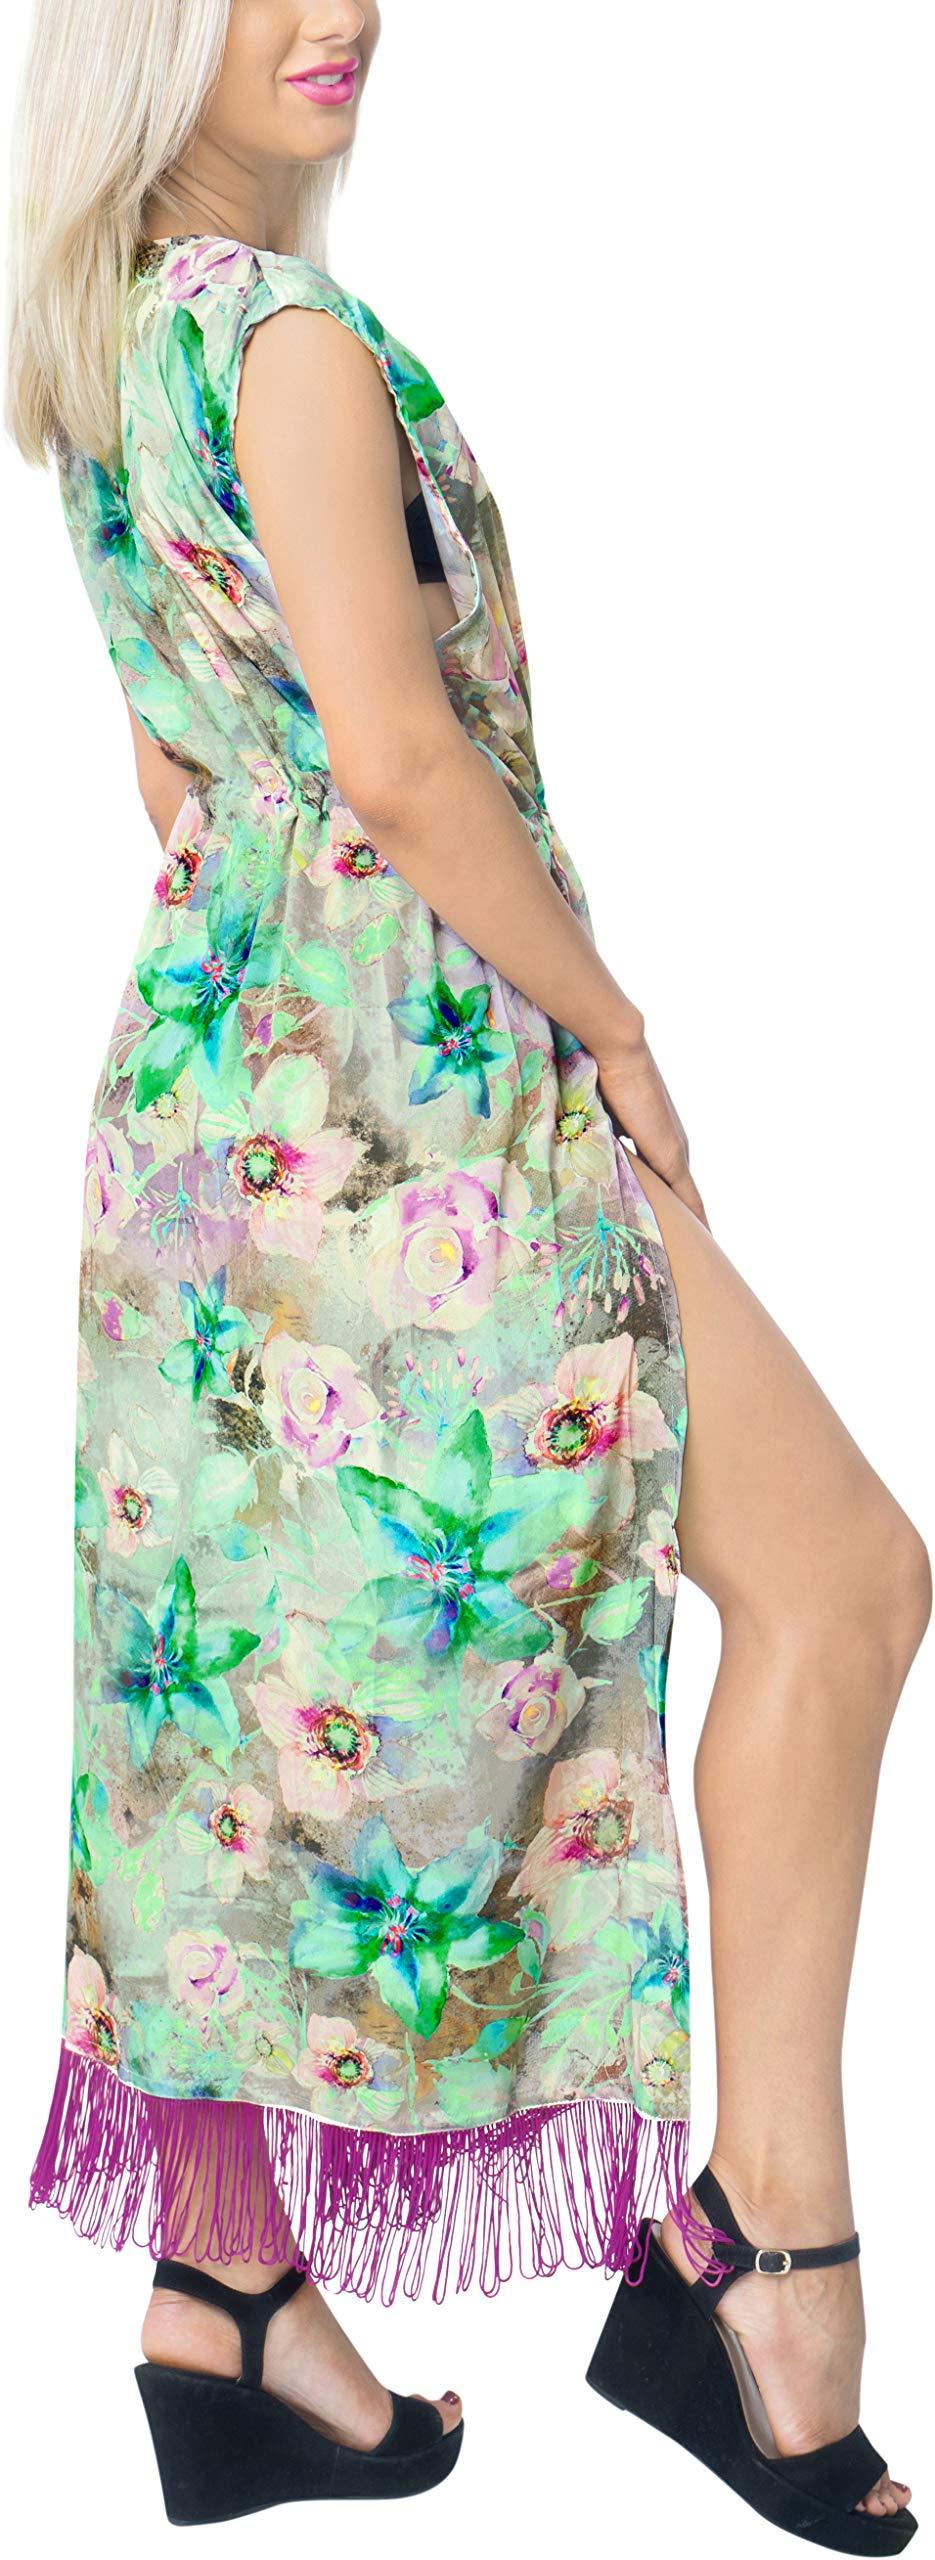 LA LEELA Seta Kimono Cardigan Lungo Donna Estivo Pizzo Boho Copricostume Abito da Mare Spiaggia per Costumi da Bagno… 3 spesavip